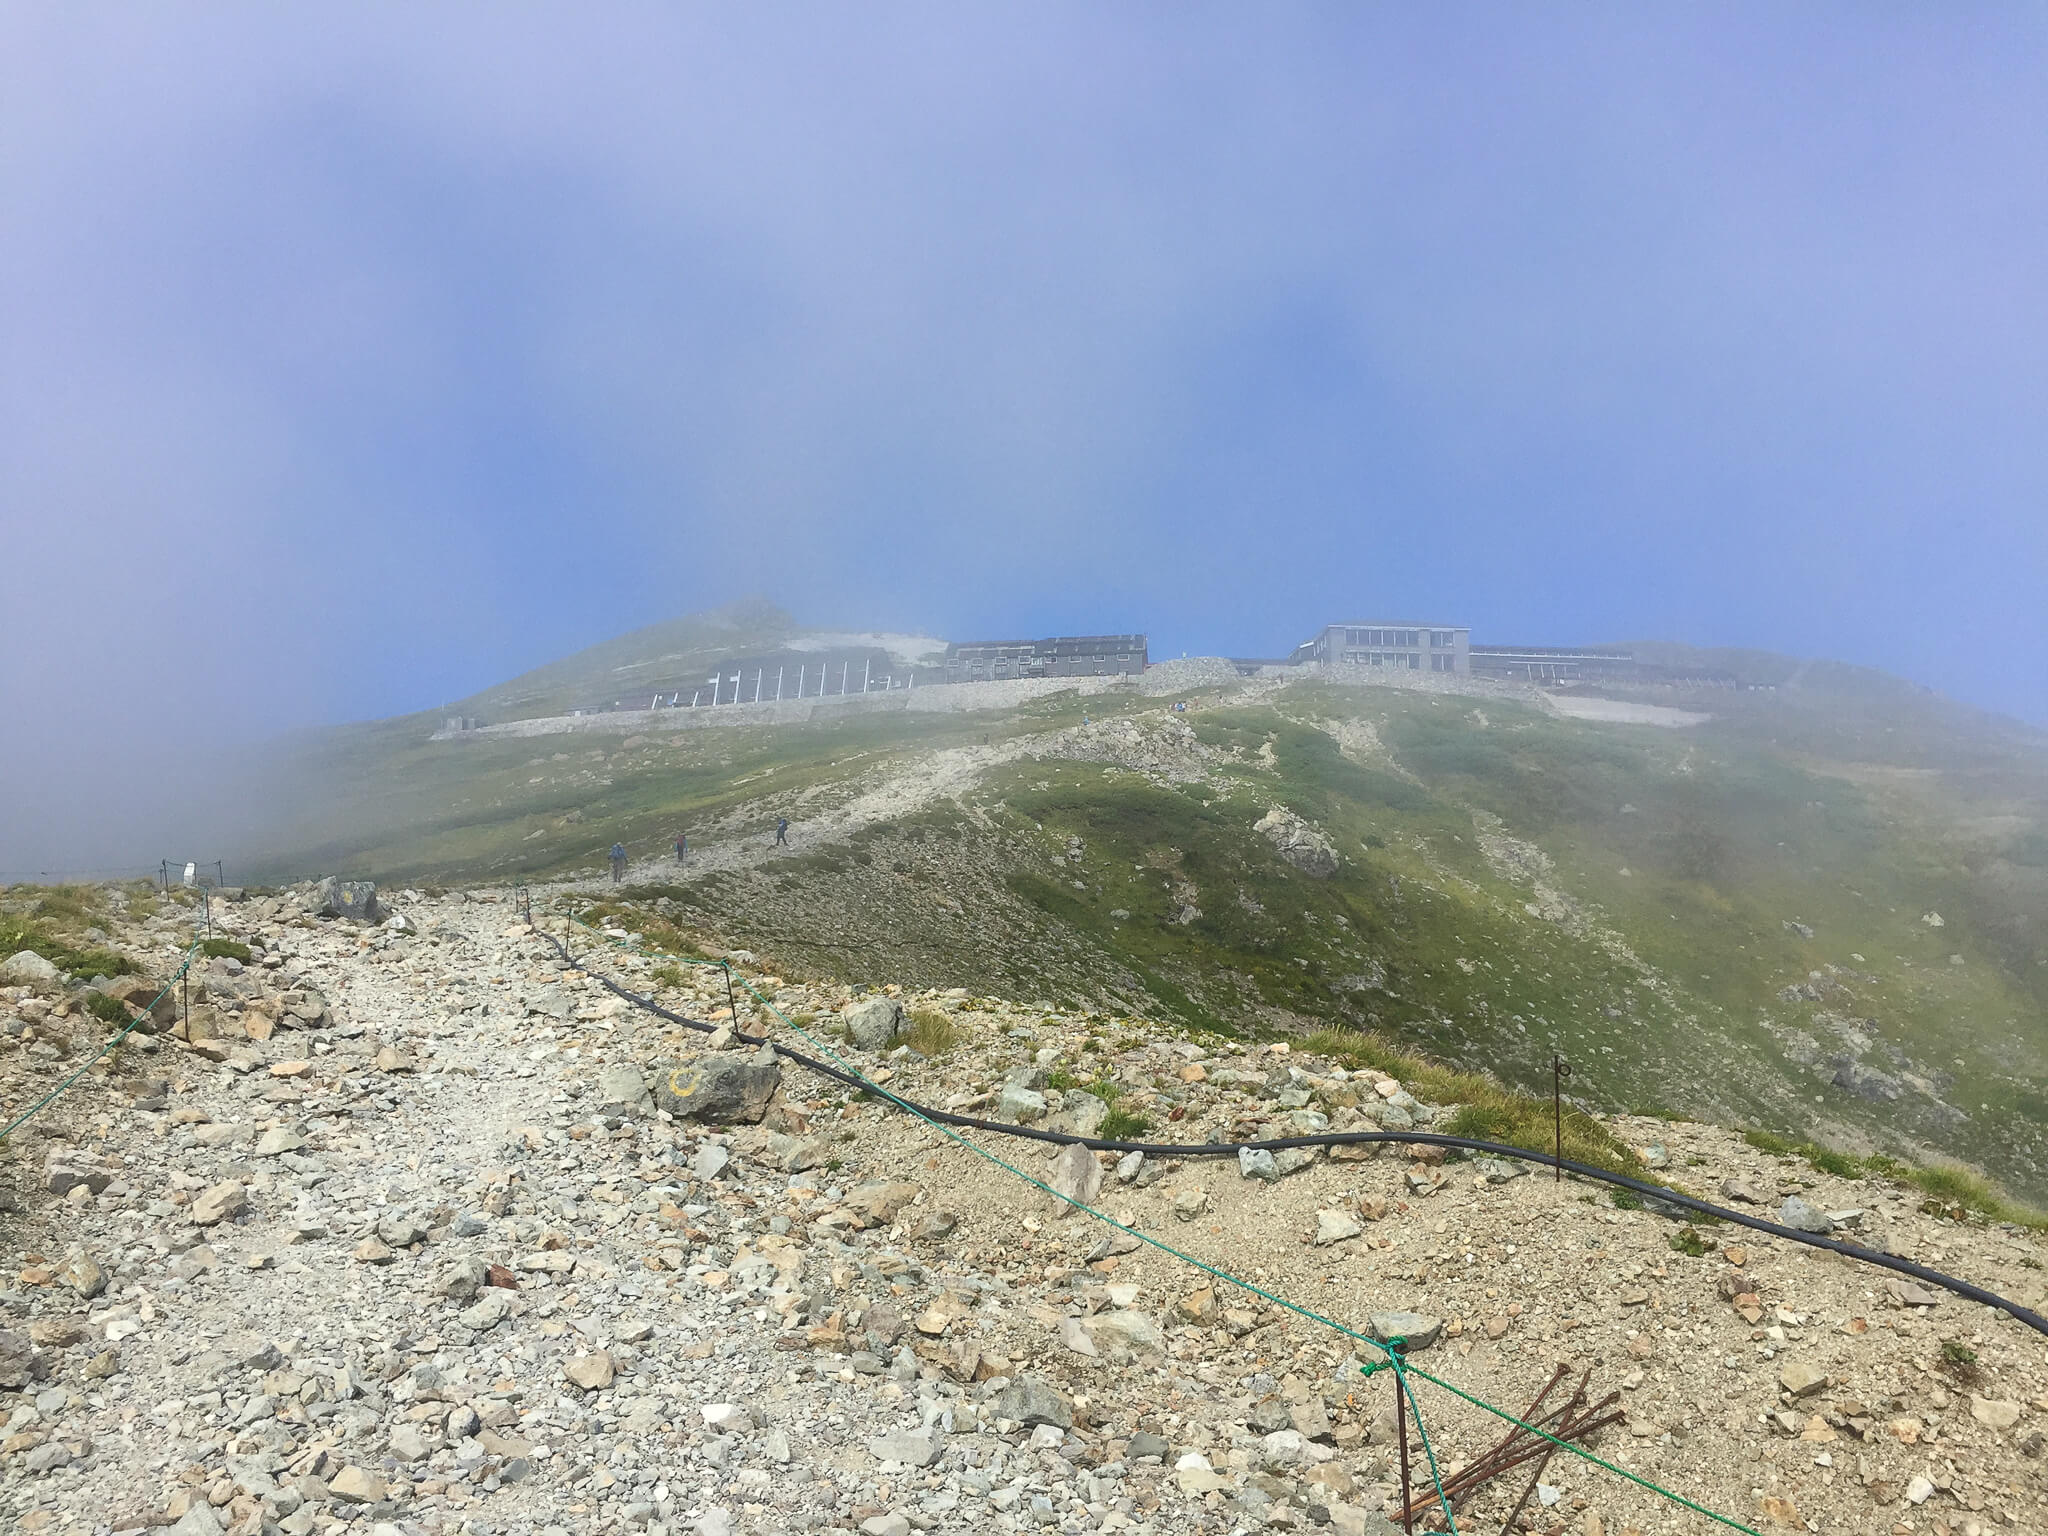 白馬岳・村営白馬岳頂上宿舎から白馬山荘へ向かいます2